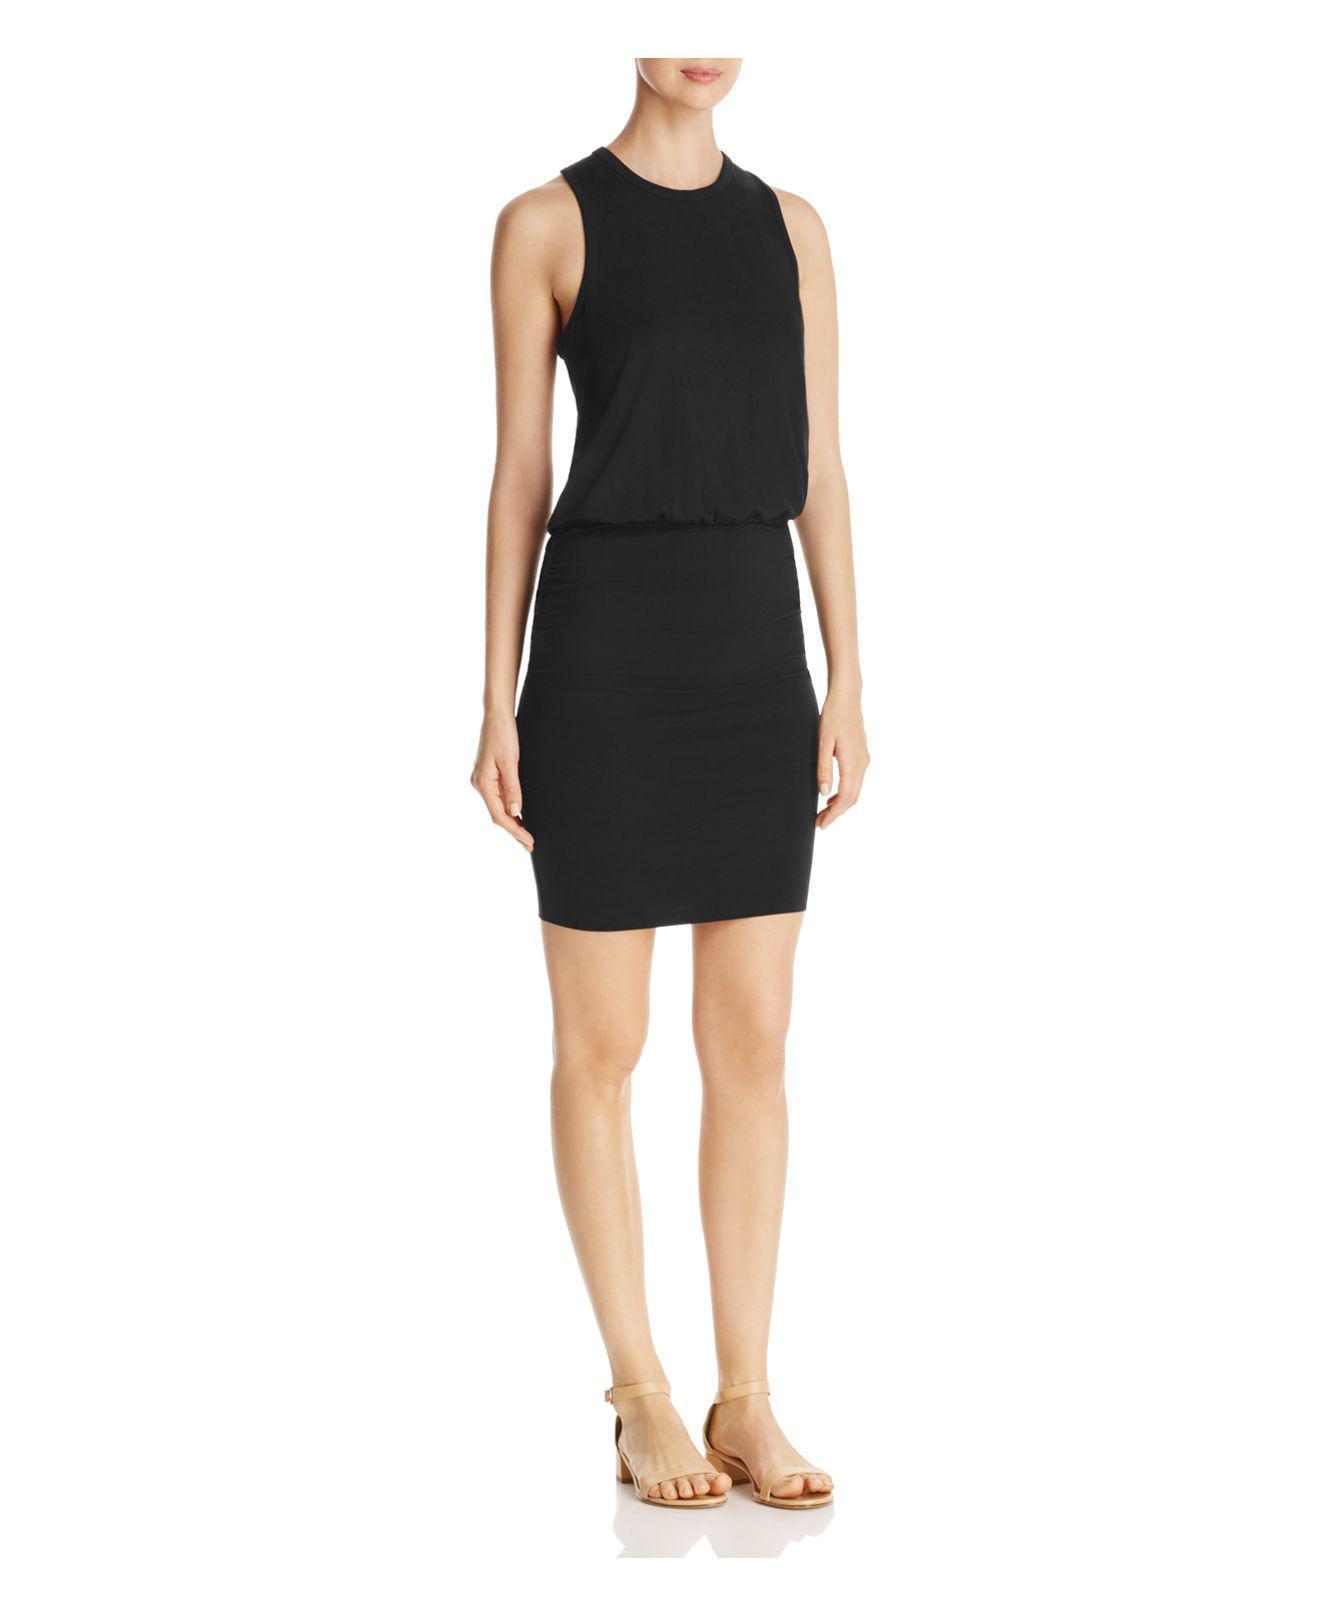 0b20d3590fa Lyst - Lilla P Ruched Skirt Tank Dress in Black